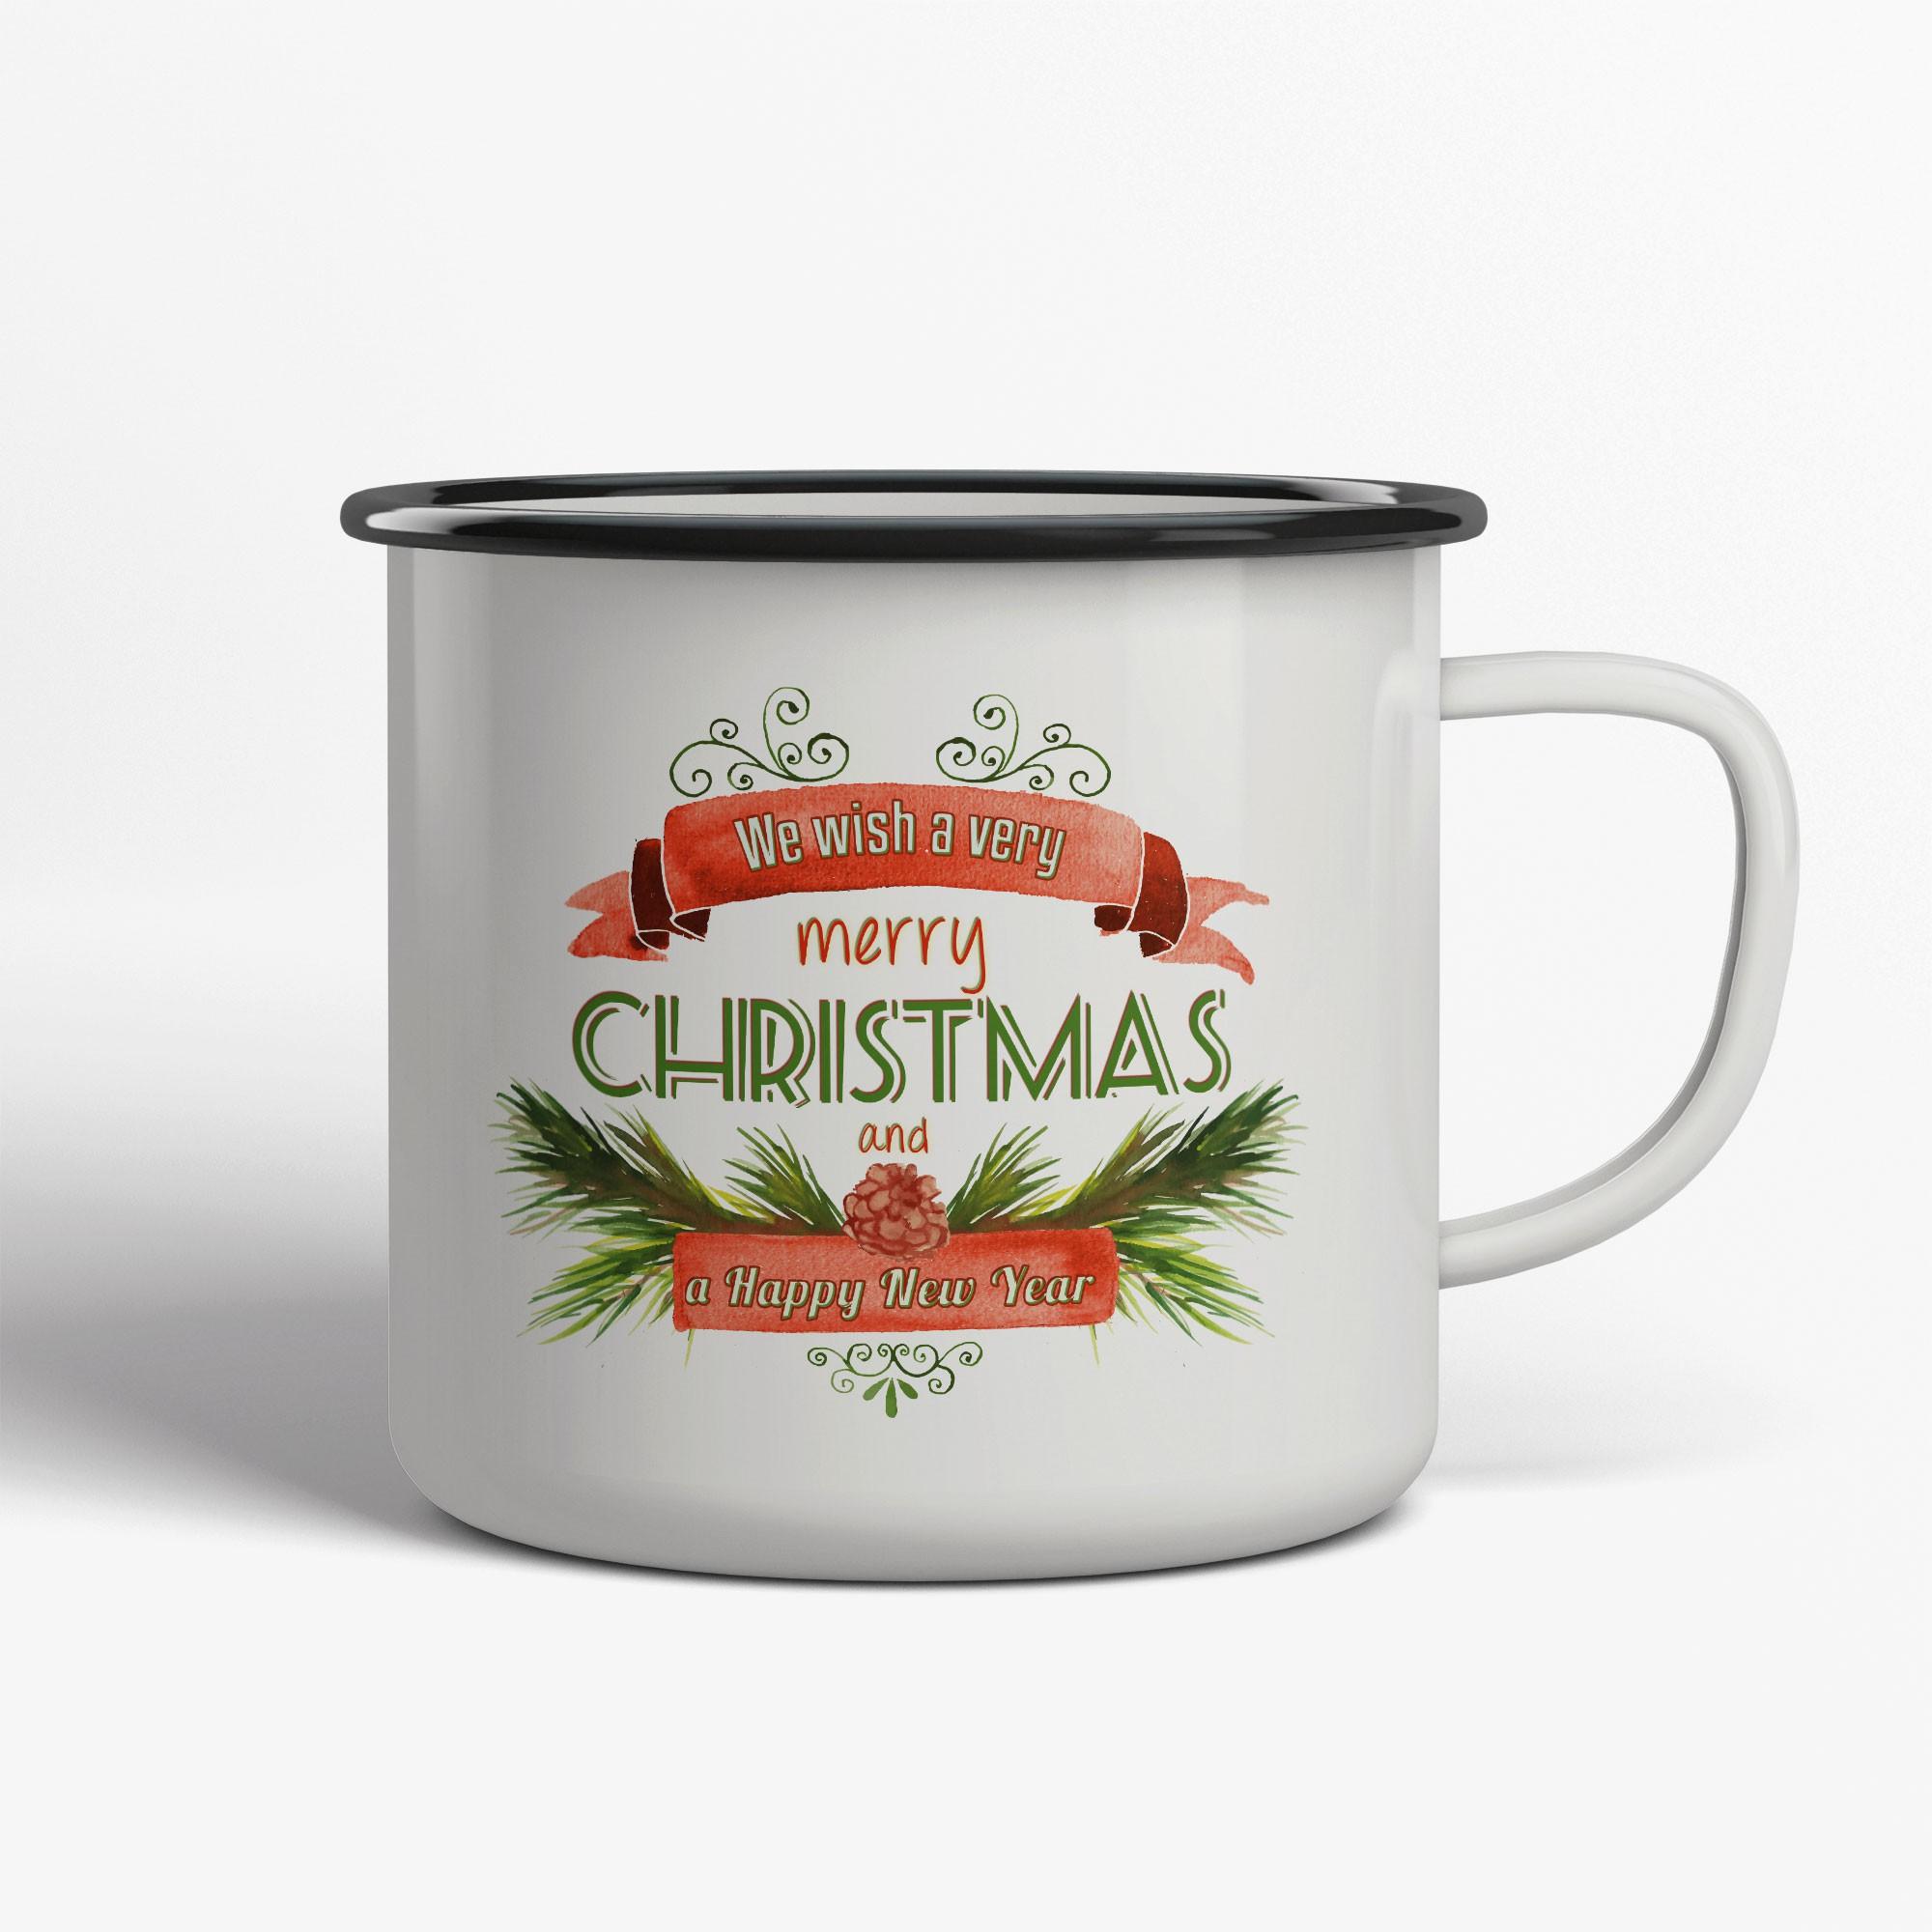 Merry Christmas Emaljmugg